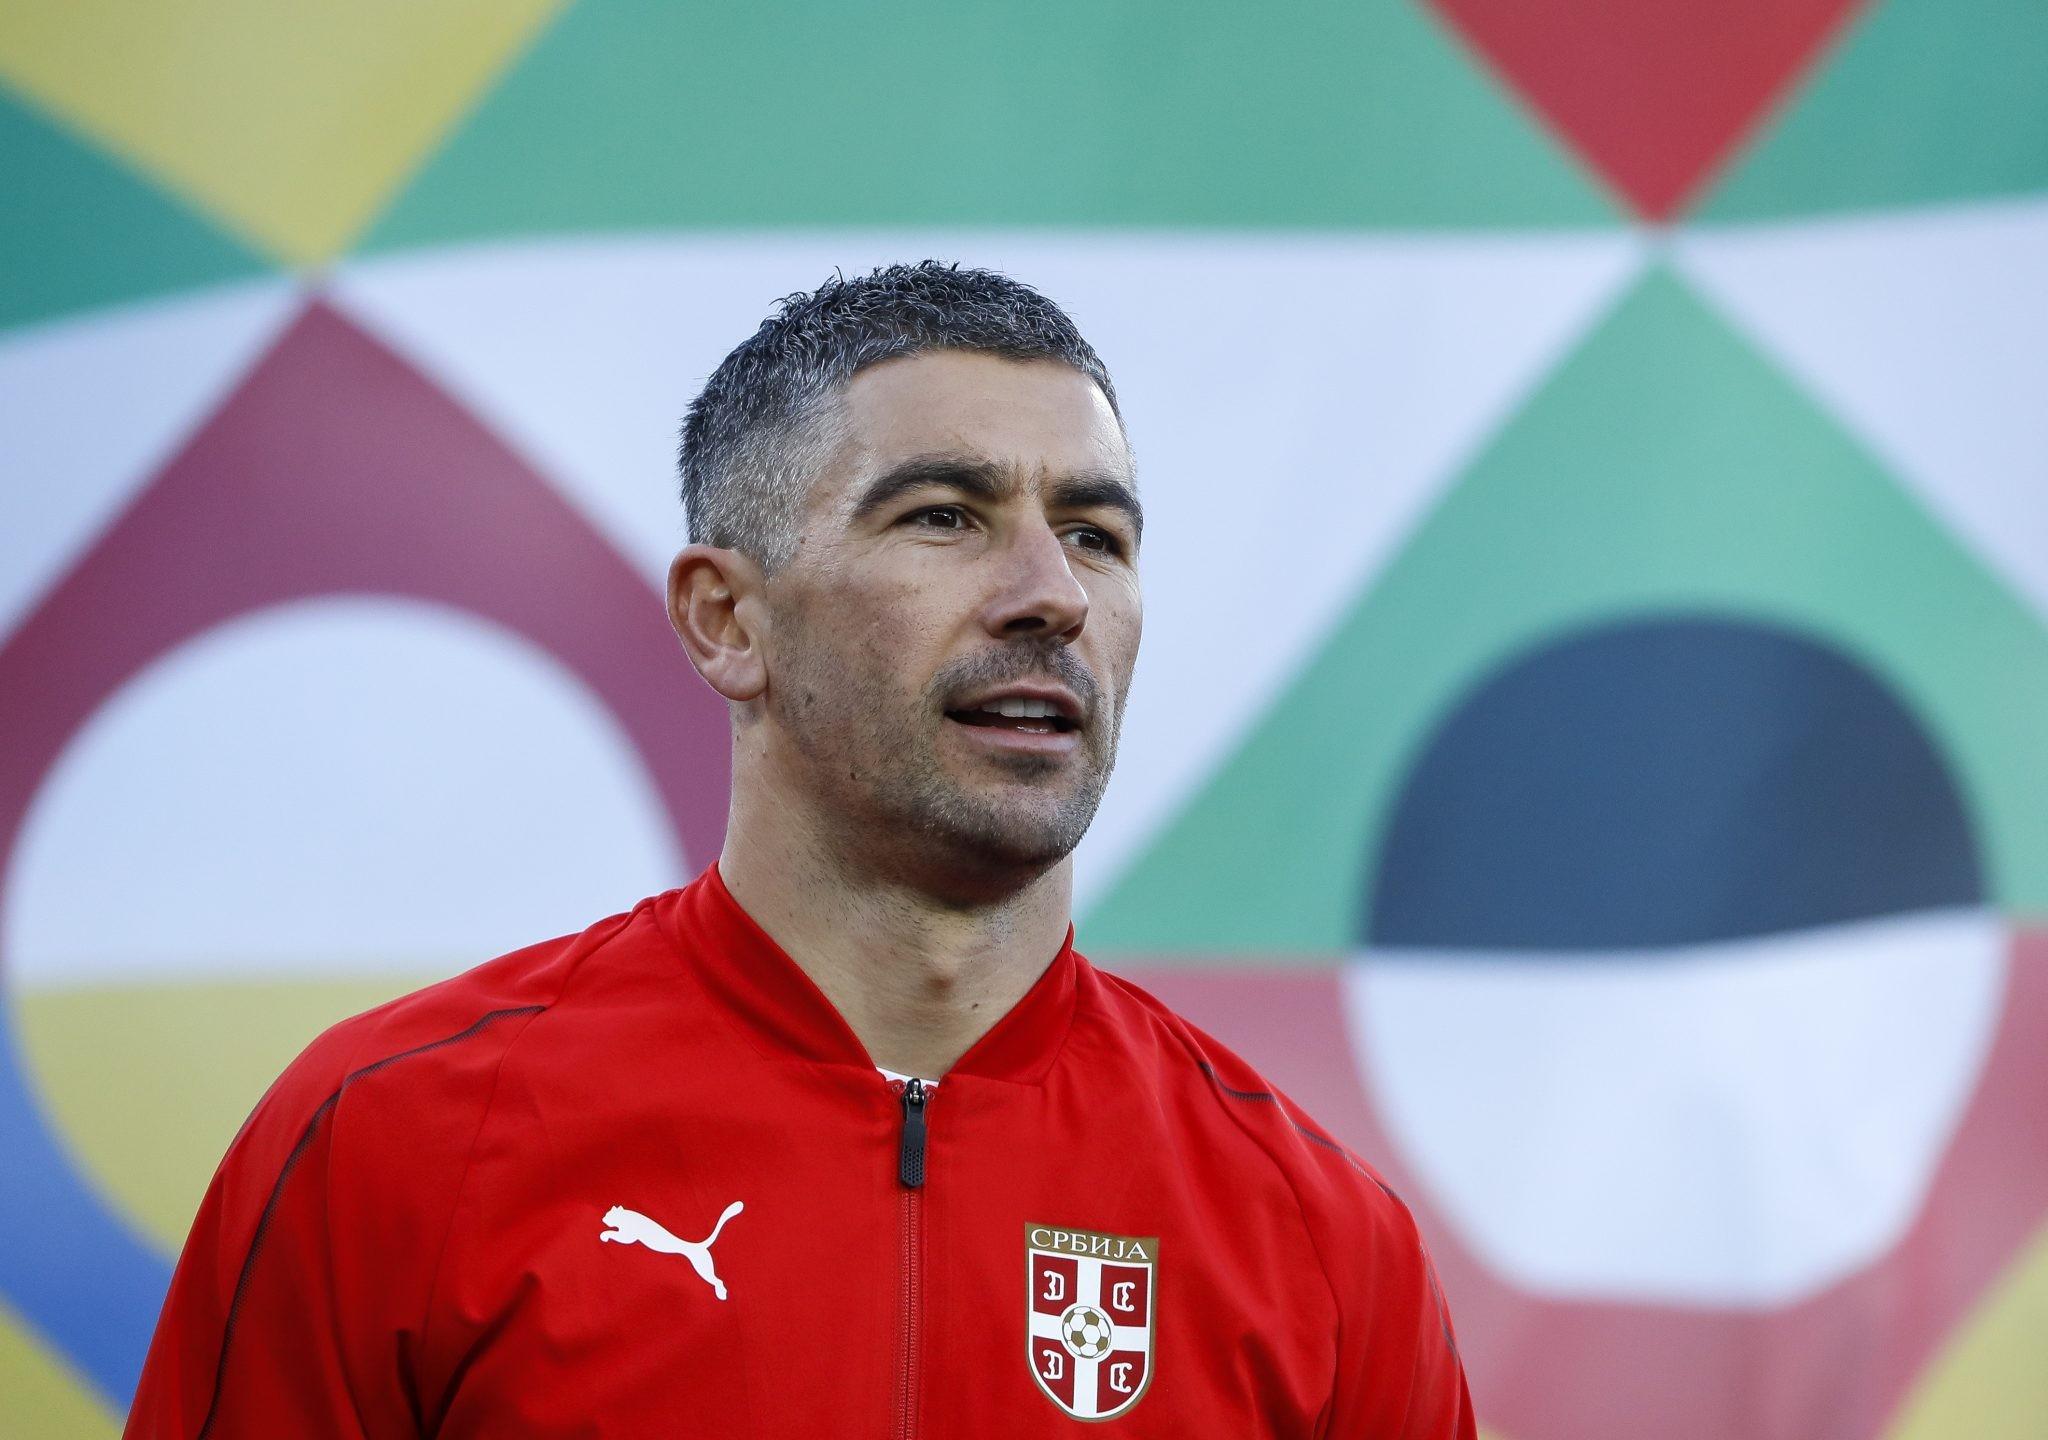 塞尔维亚媒体:在国米要求下,科拉罗夫现已回到沙龙